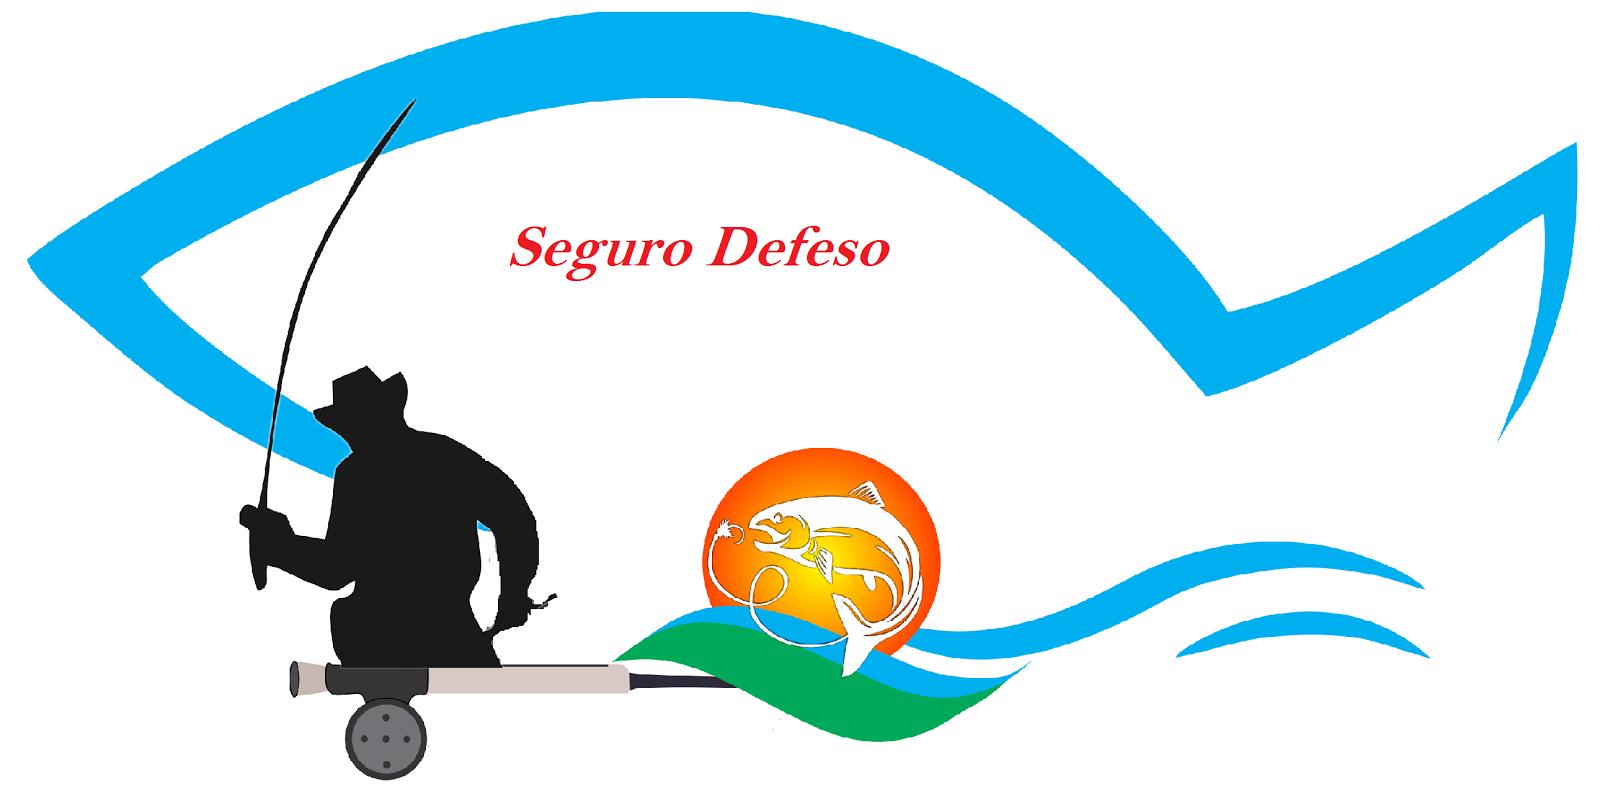 Bolsonaro quer reconhecer beneficiários do Seguro Defeso: 'No DF, quantos seriam?'